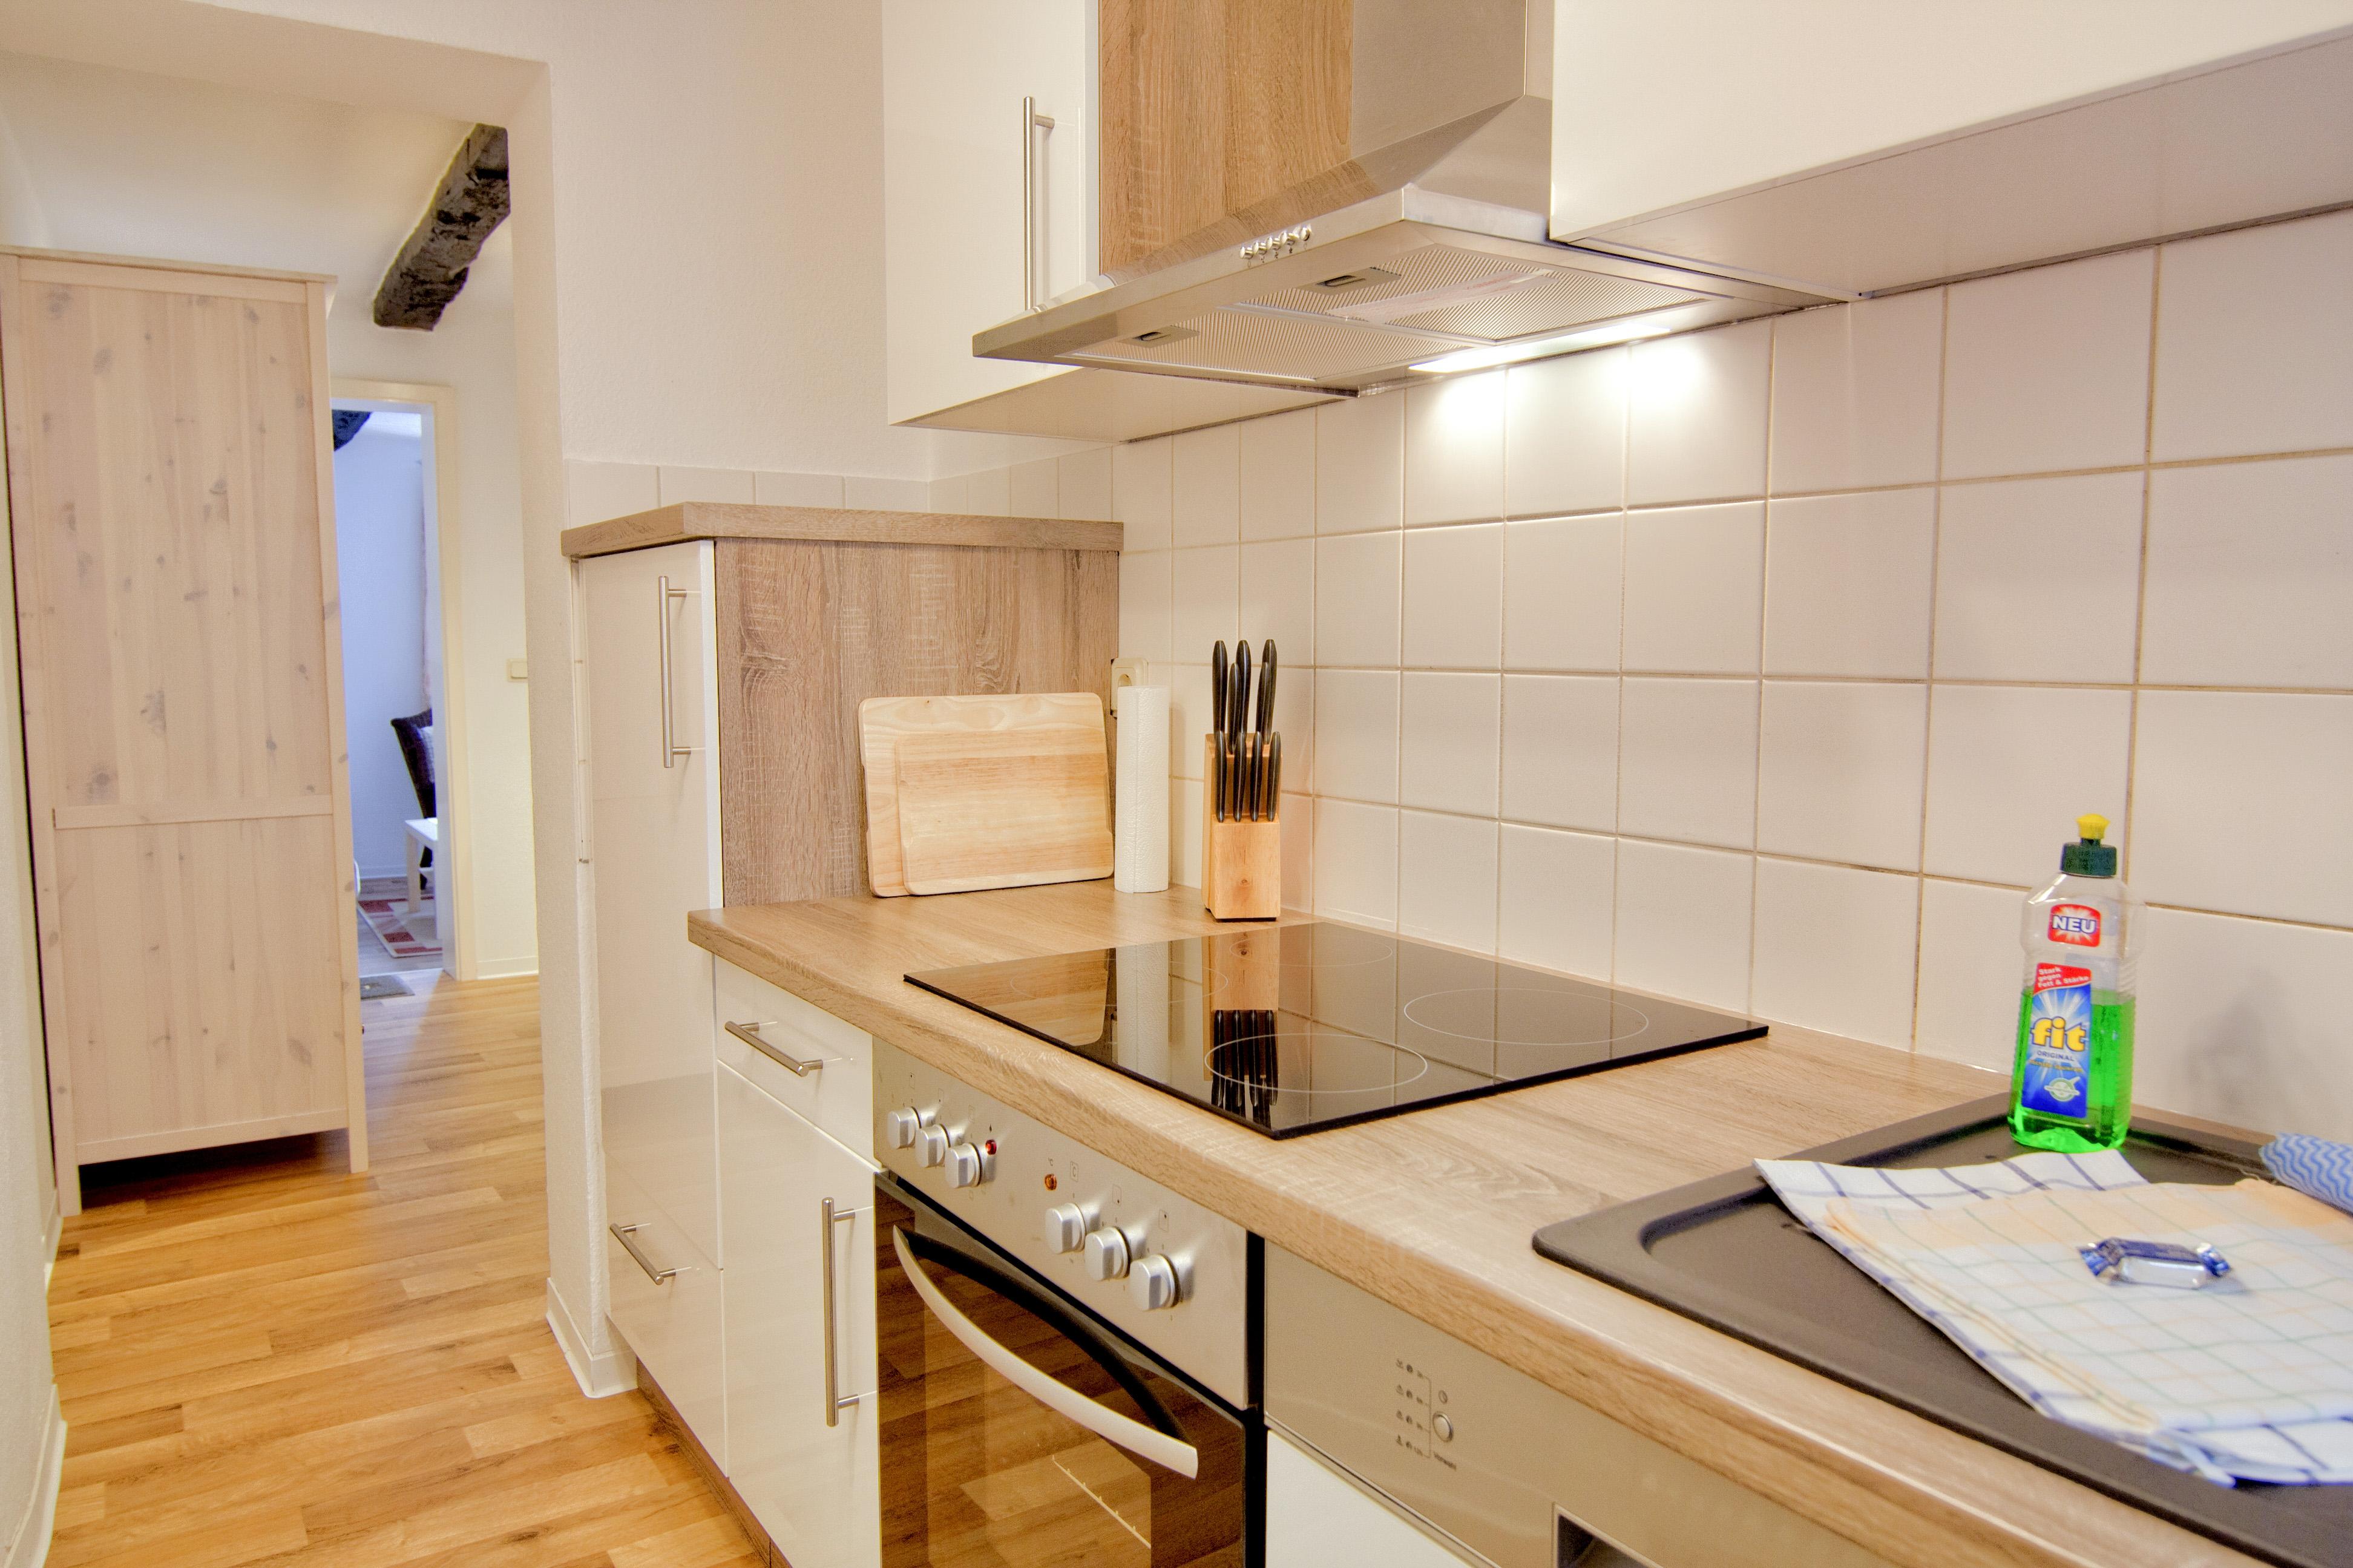 Küche mit Kühlschrank, Herd, Ceranfeld und Spüle